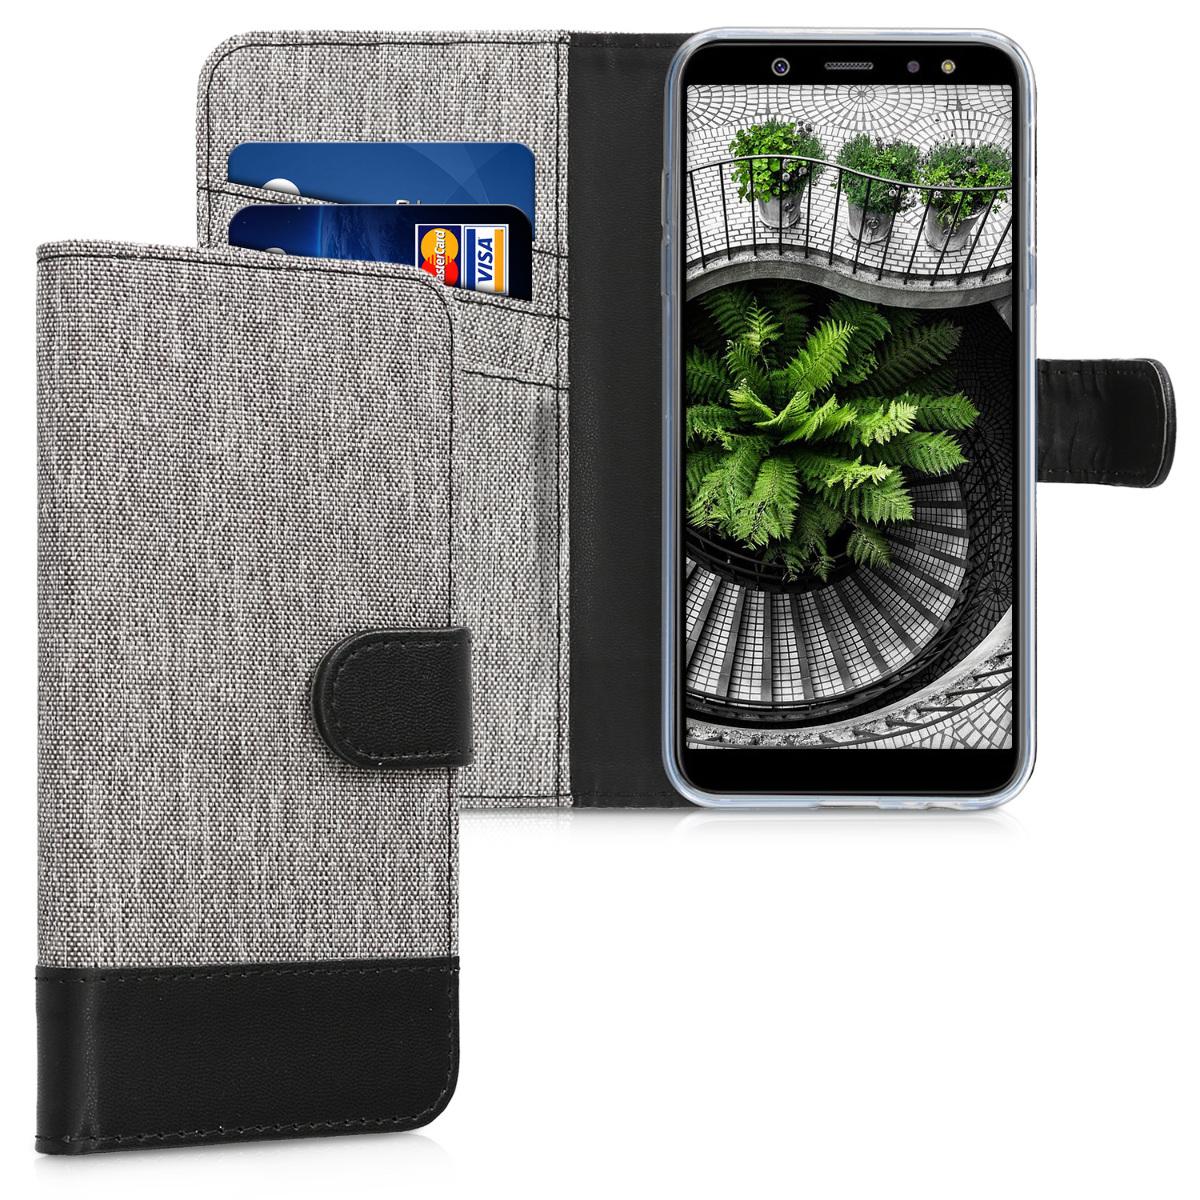 KW Θήκη - Πορτοφόλι Samsung Galaxy A6 (2018) - Grey / Black (45249.22)